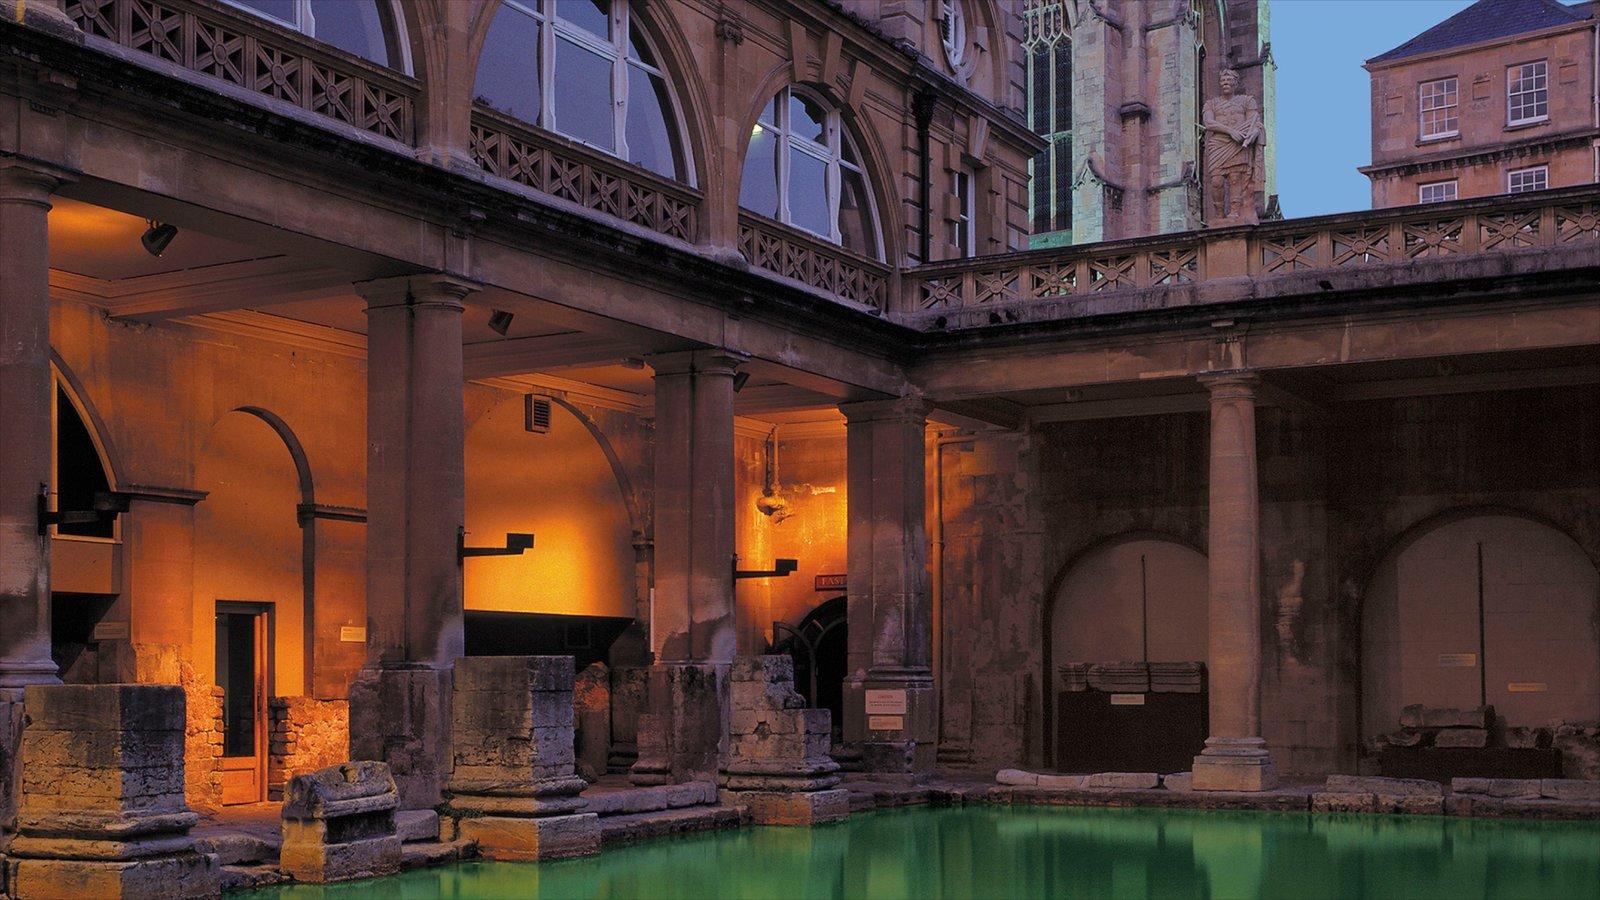 Banhos romanos caracterizando uma igreja ou catedral, elementos de patrimônio e arquitetura de patrimônio